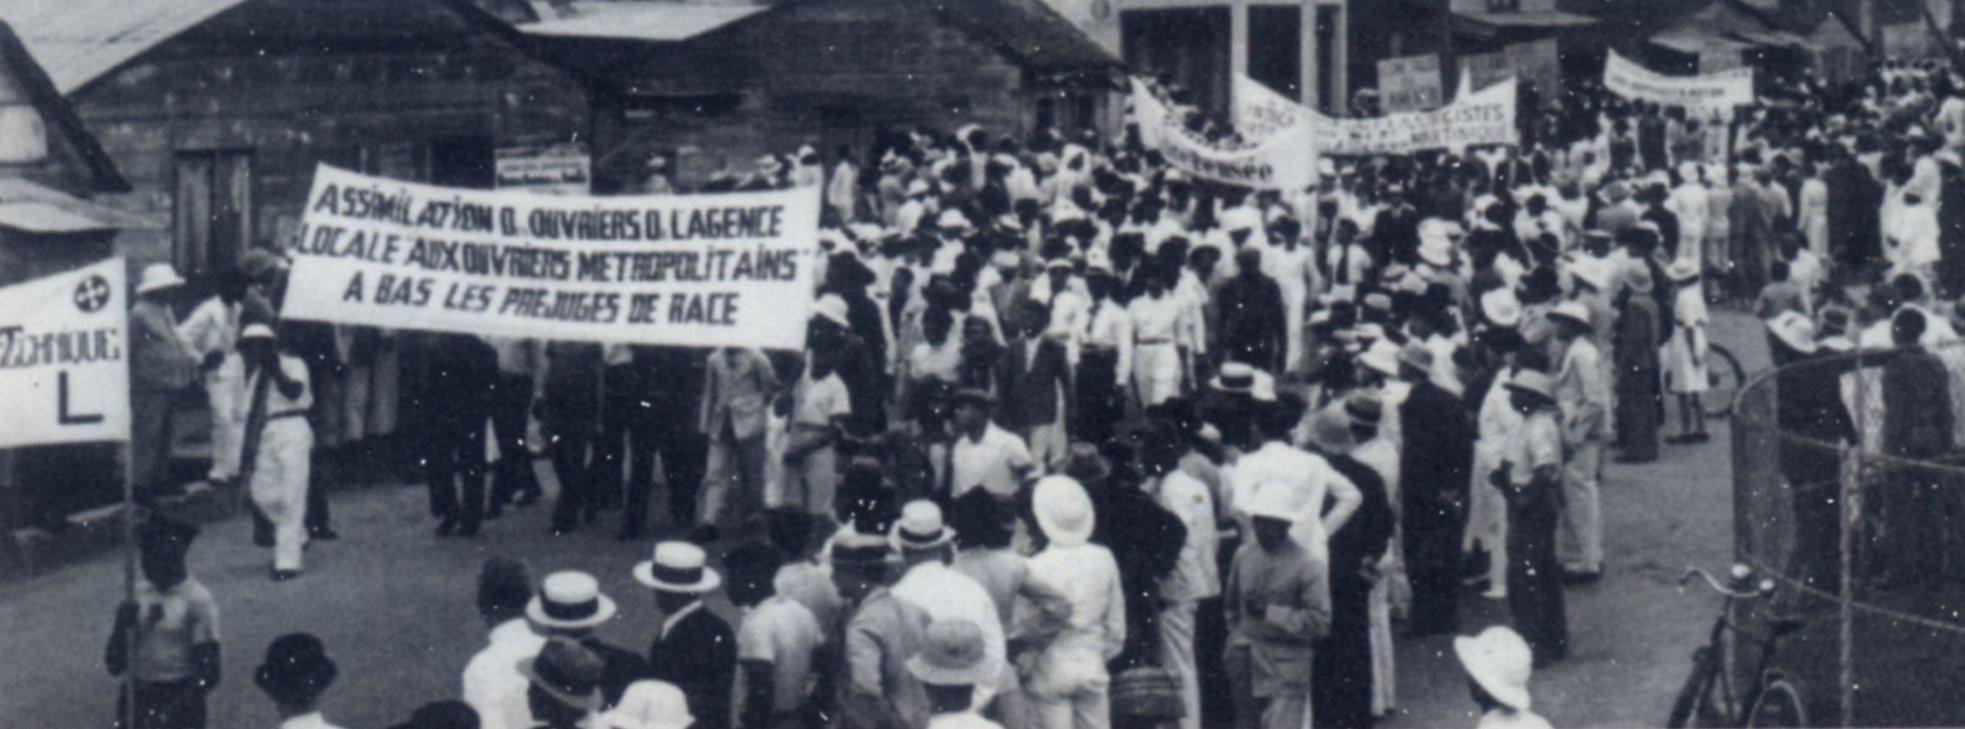 Manifestation à Fort-de-France (Martinique), 1948 Source: Atlas Caraïbes